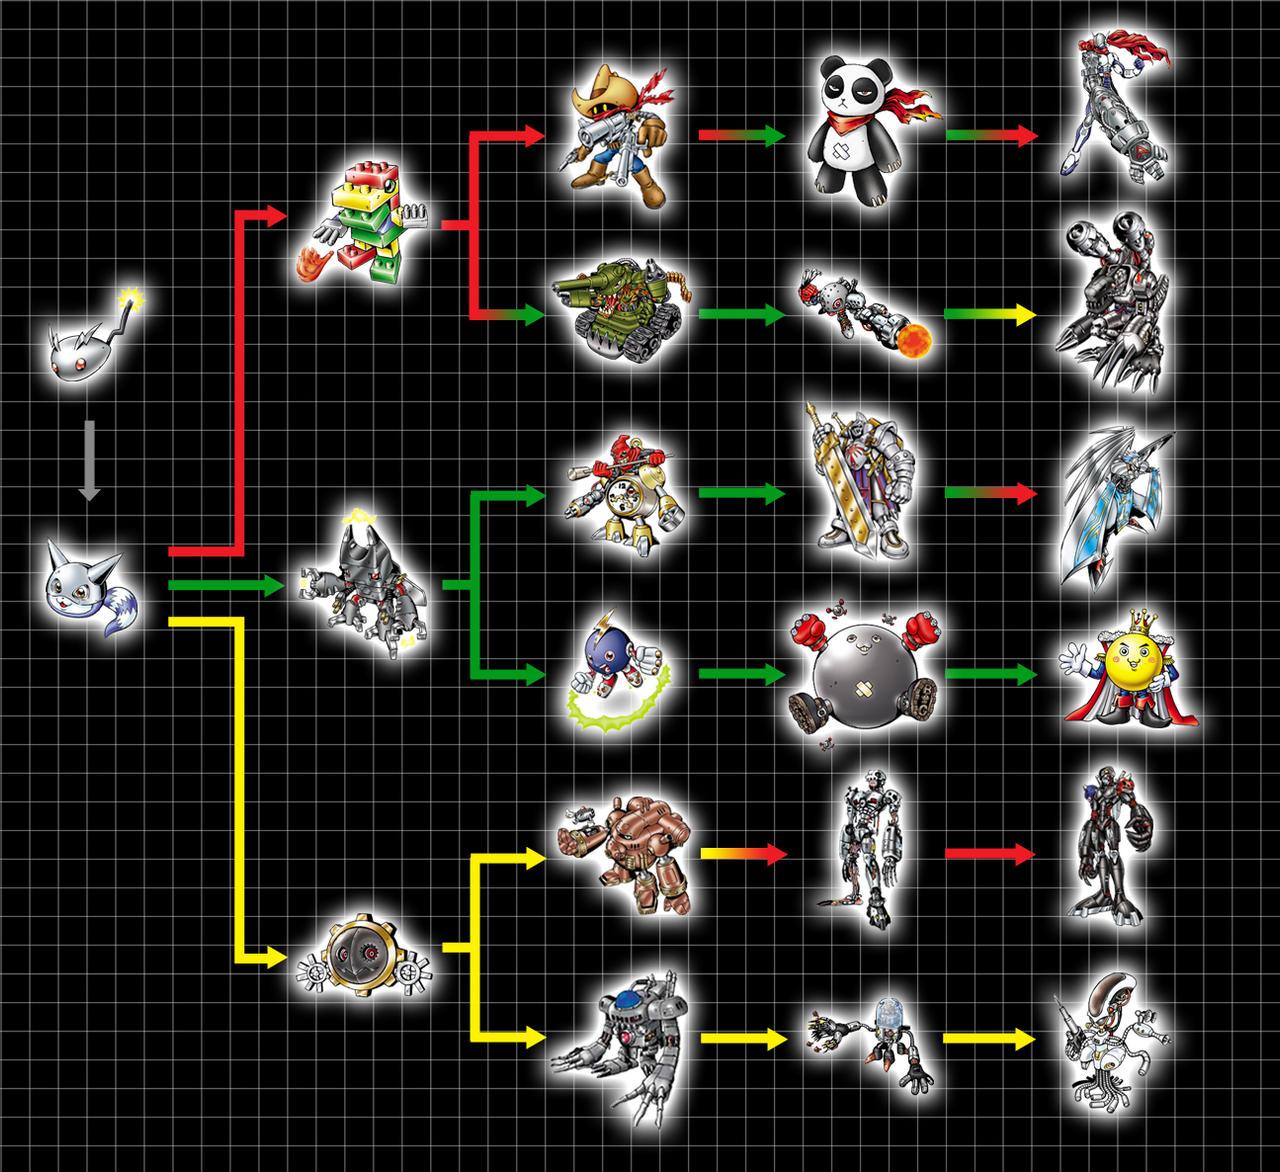 Digivolution Chart - MetalKoromon by Chameleon-Veil